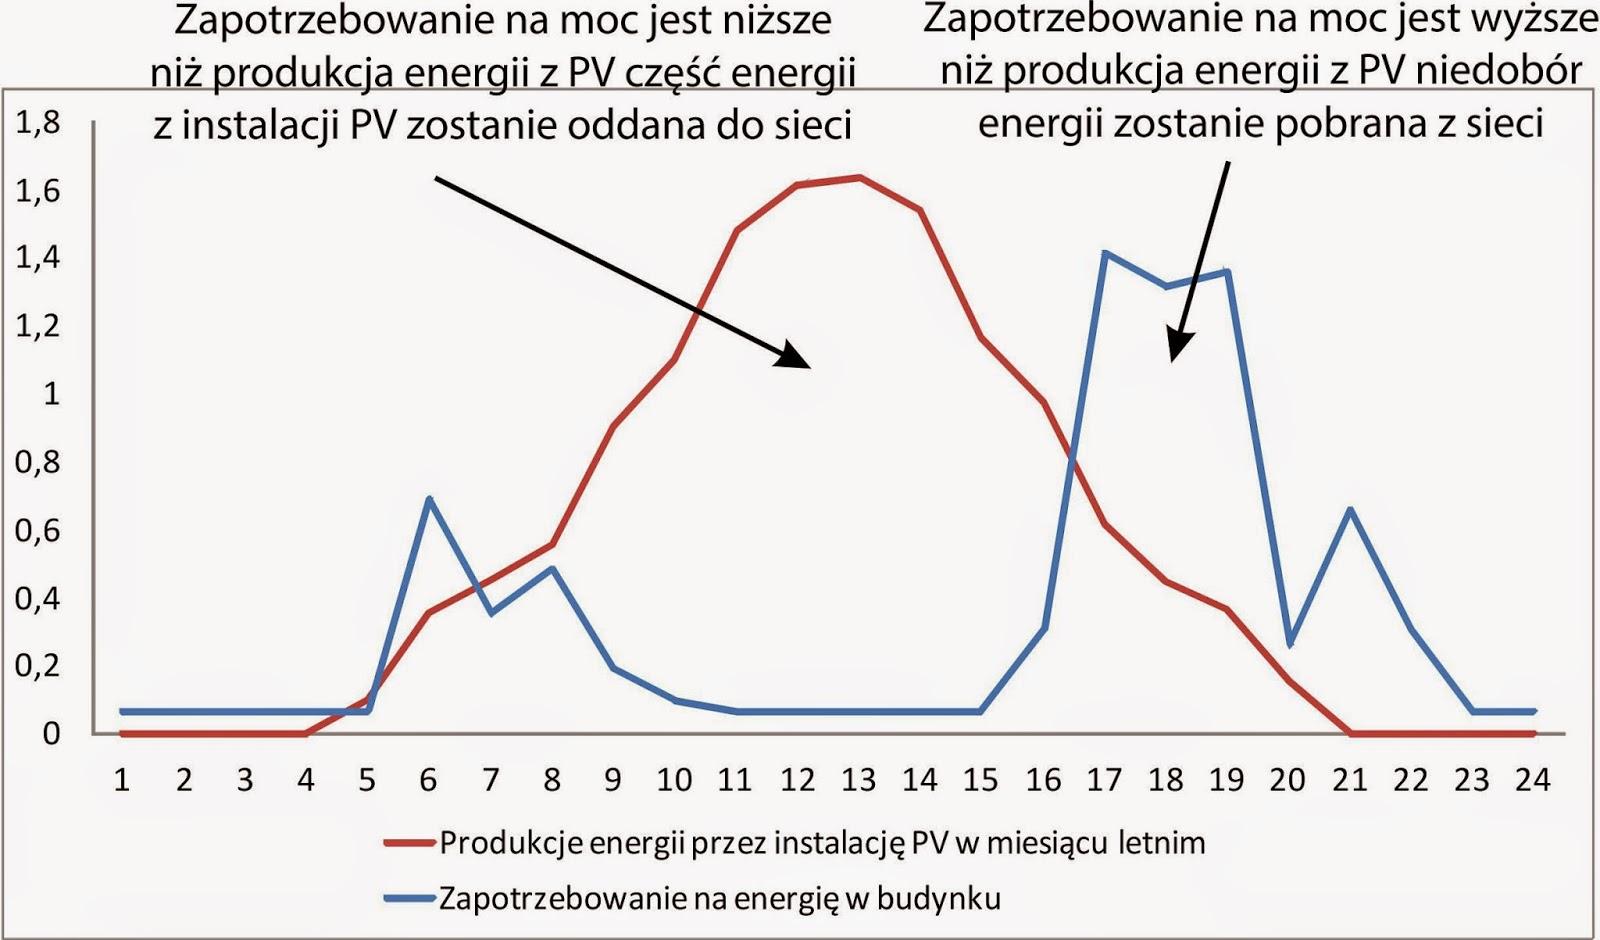 Korelacja zapotrzebowania na energię z w budynku a produkcją energii przez instalacja fotowoltaiczną